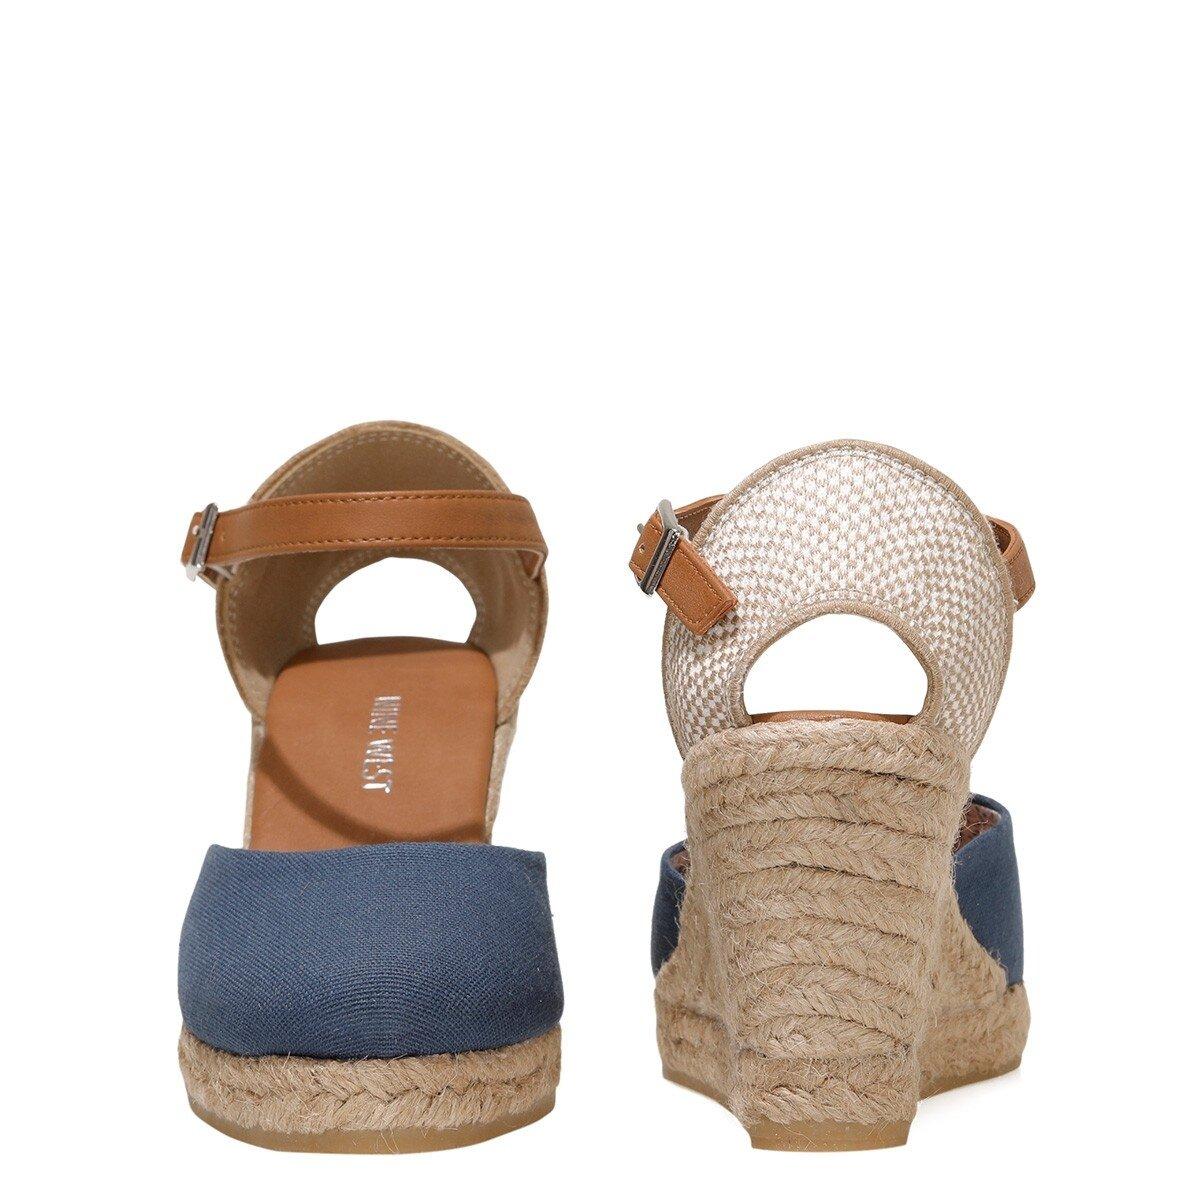 ARTEMISIA 1FX Lacivert Kadın Dolgu Topuk Sandalet